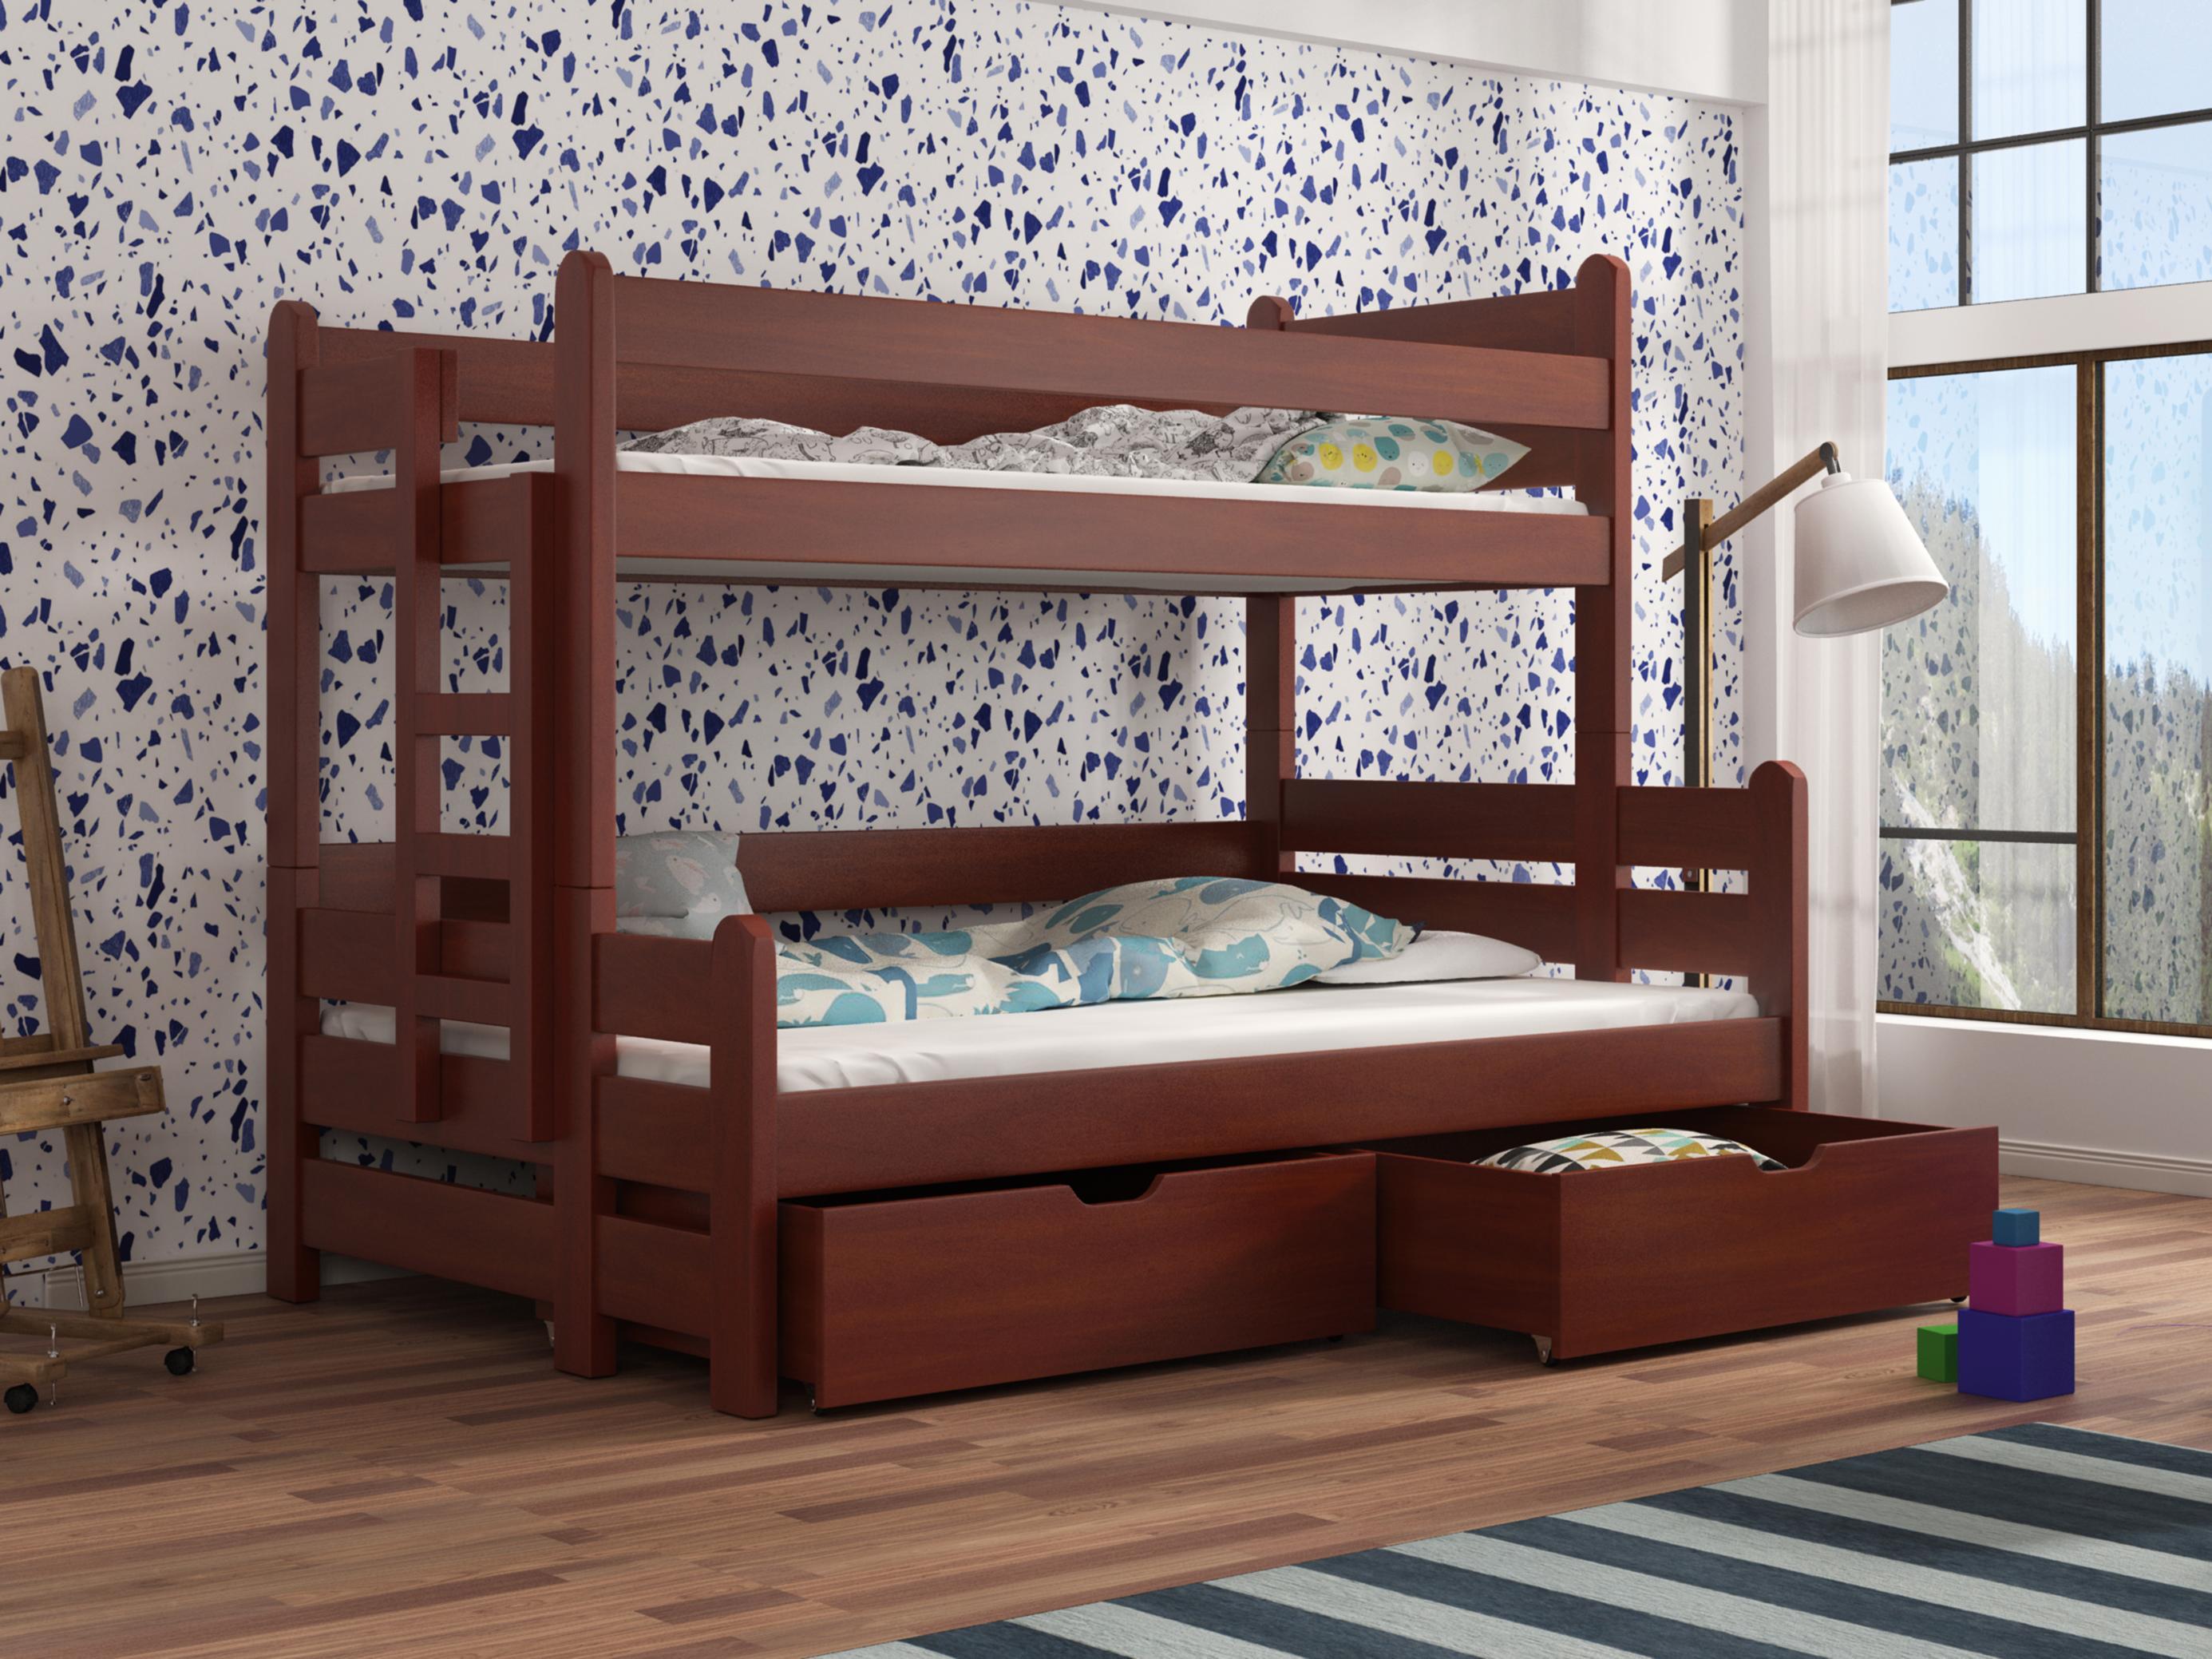 Dětská patrová postel 90 cm - Bivi (calvados)